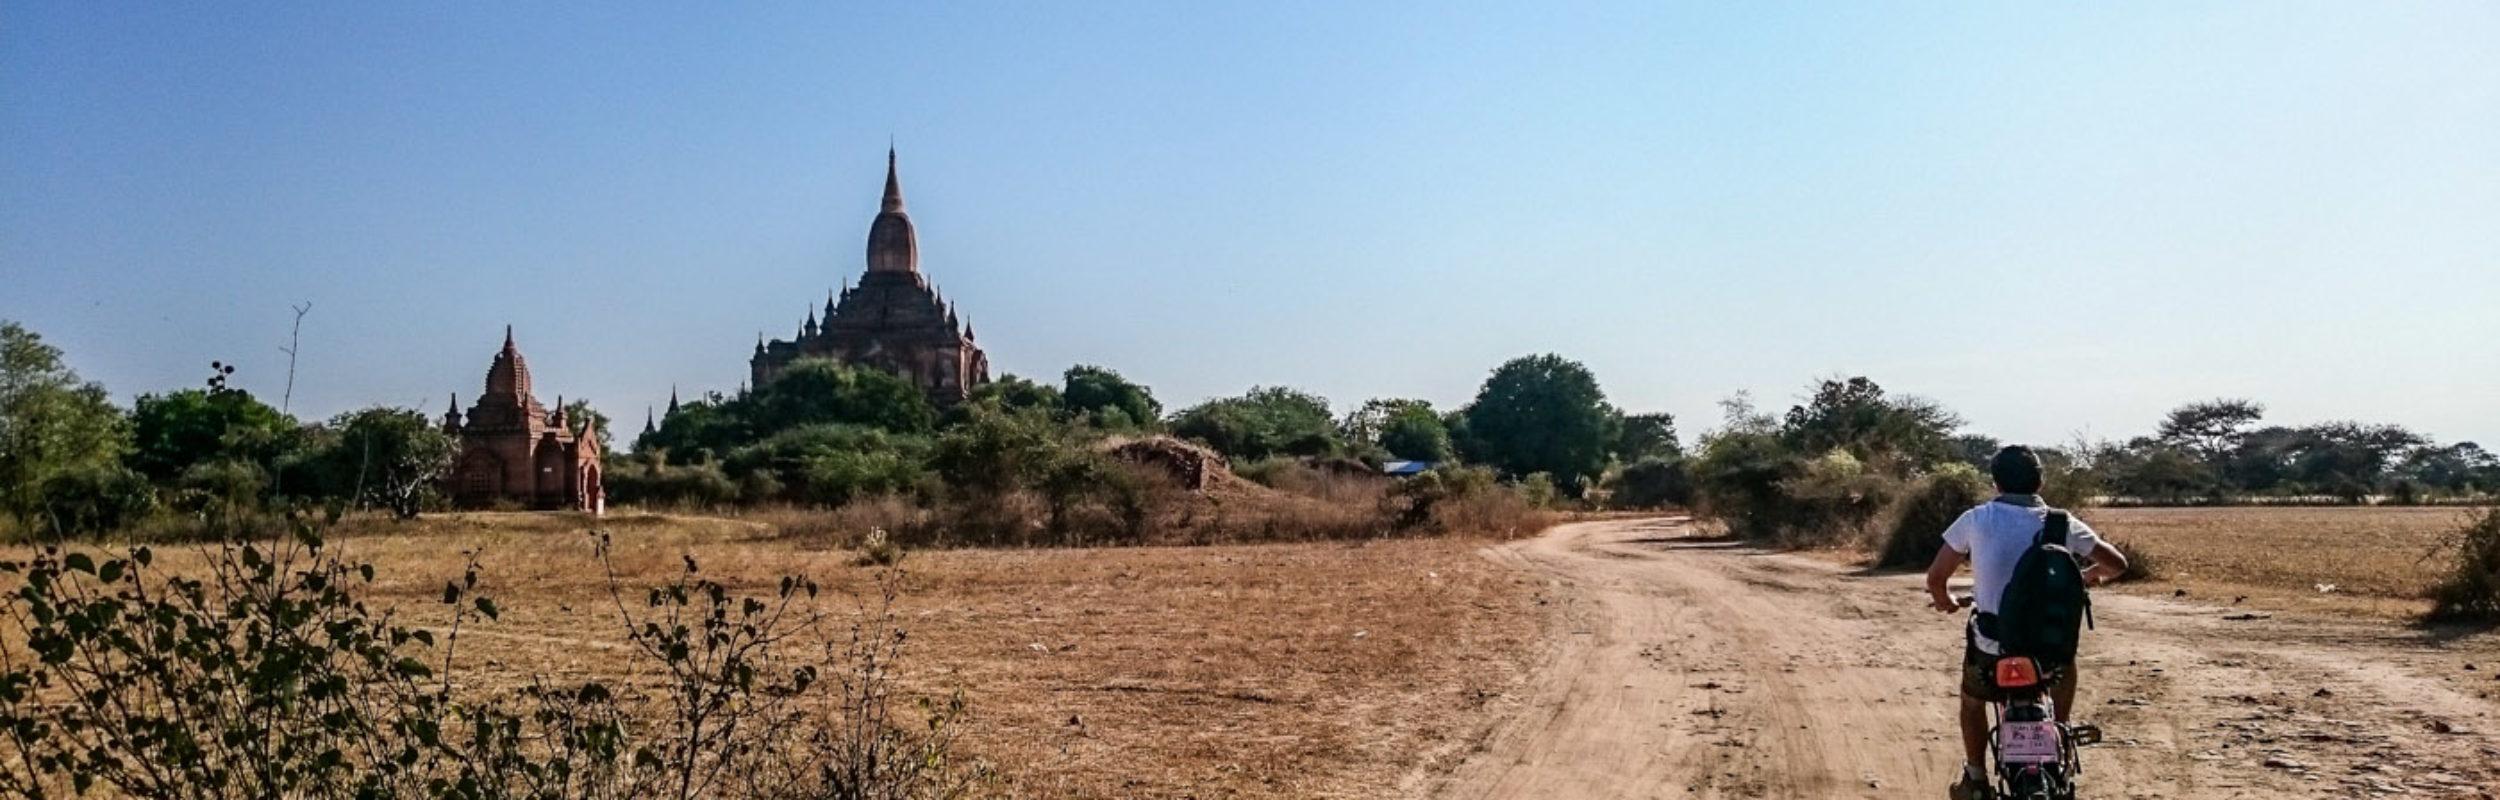 Birmanie : les temples de Bagan à vélo électrique, inoubliable !